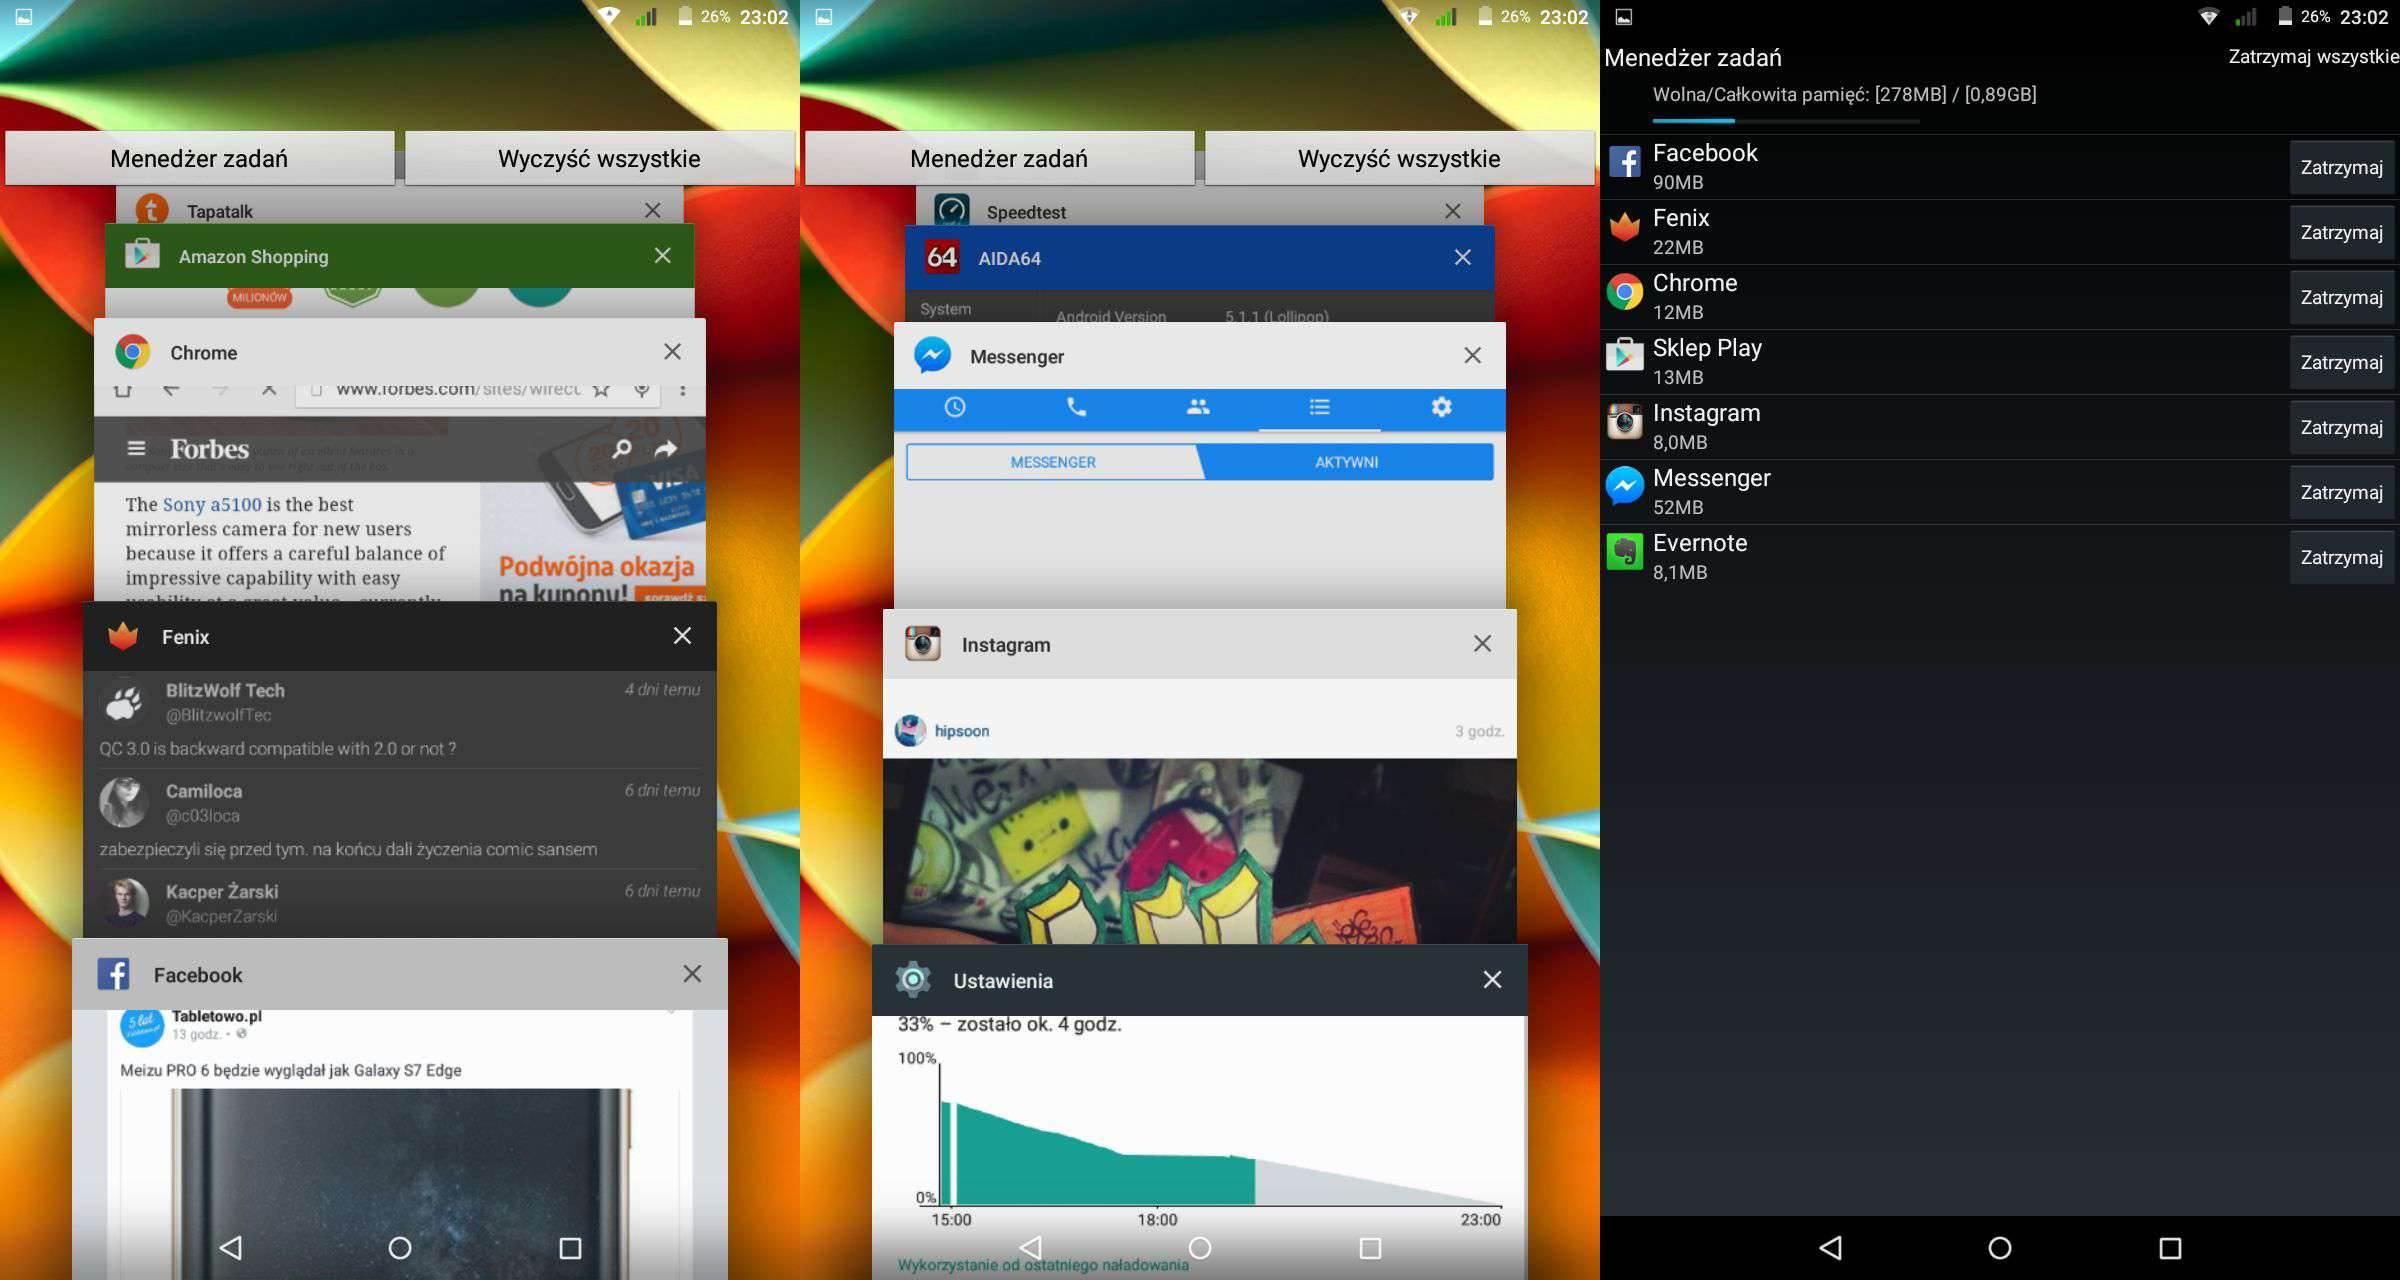 Lenovo Yoga Tab 3 LTE - recenzja urządzenia recenzje, polecane zalety, yoga tab 3, wady, Tablet, polska recenzja Lenovo Yoga Tab 3 LTE, polska recenzja, Lenovo Yoga Tab 3 LTE, lenovo, jak działa Lenovo Yoga Tab 3 LTE, czy warto kupić Lenovo Yoga Tab 3 LTE, cena Lenovo Yoga Tab 3 LTE  Nie ma się co oszukiwać, większość obecnie dostępnych tabletów wygląda niemal tak samo i różnią je od siebie drobne szczegóły wprowadzane do wzornictwa z generacji na generację, ale jednym z odmiennych modeli jest bez wątpienia seria tabletów Yoga, wprowadzona na rynek mobilny przez Lenovo. Czy przednie głośniki stereo i fabrycznie zamontowany stojak wystarczy, aby przykuć uwagę potencjalnego nabywcy? 3 1